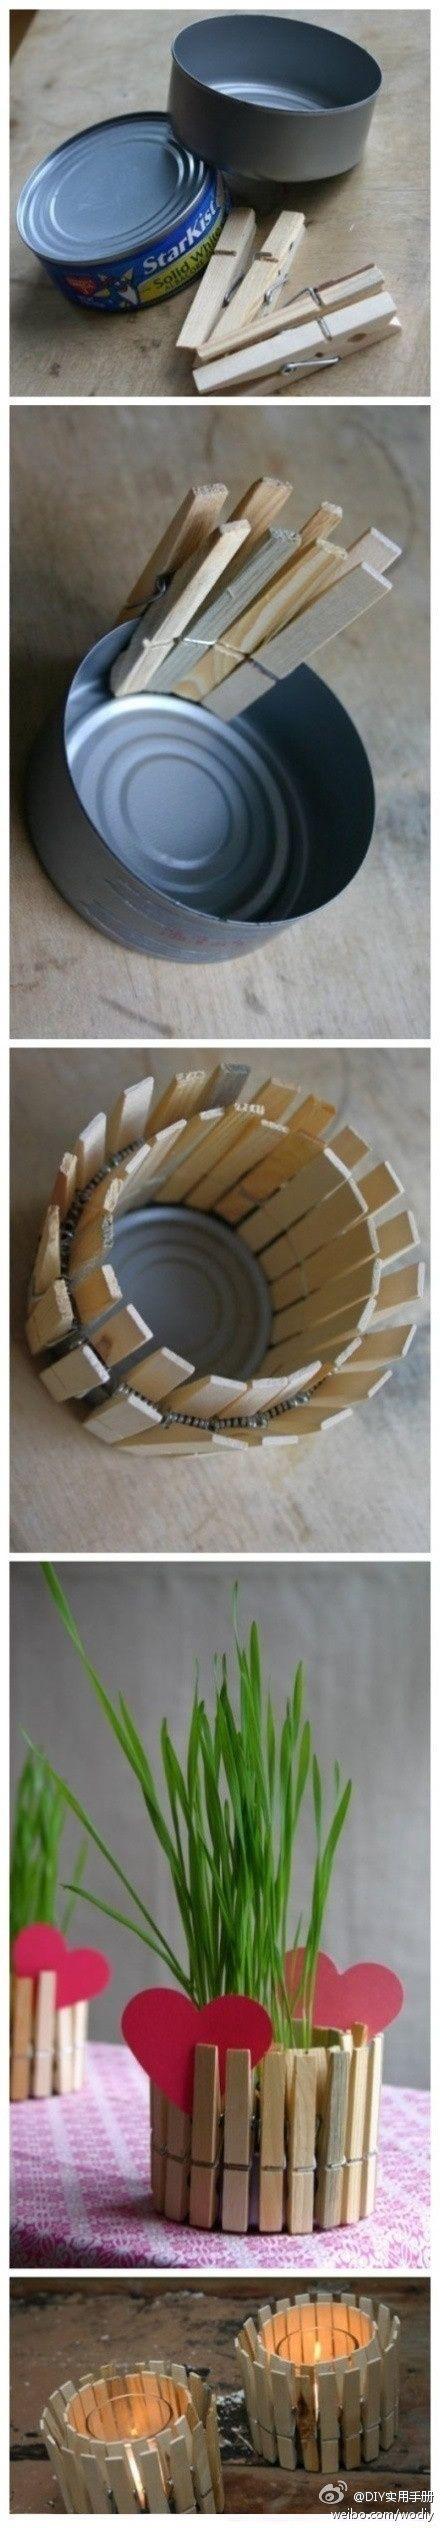 Cubre macetas hecho con latas y pinzas. Maceteros y floreros reciclados #manualidades #DIY #reciclaje